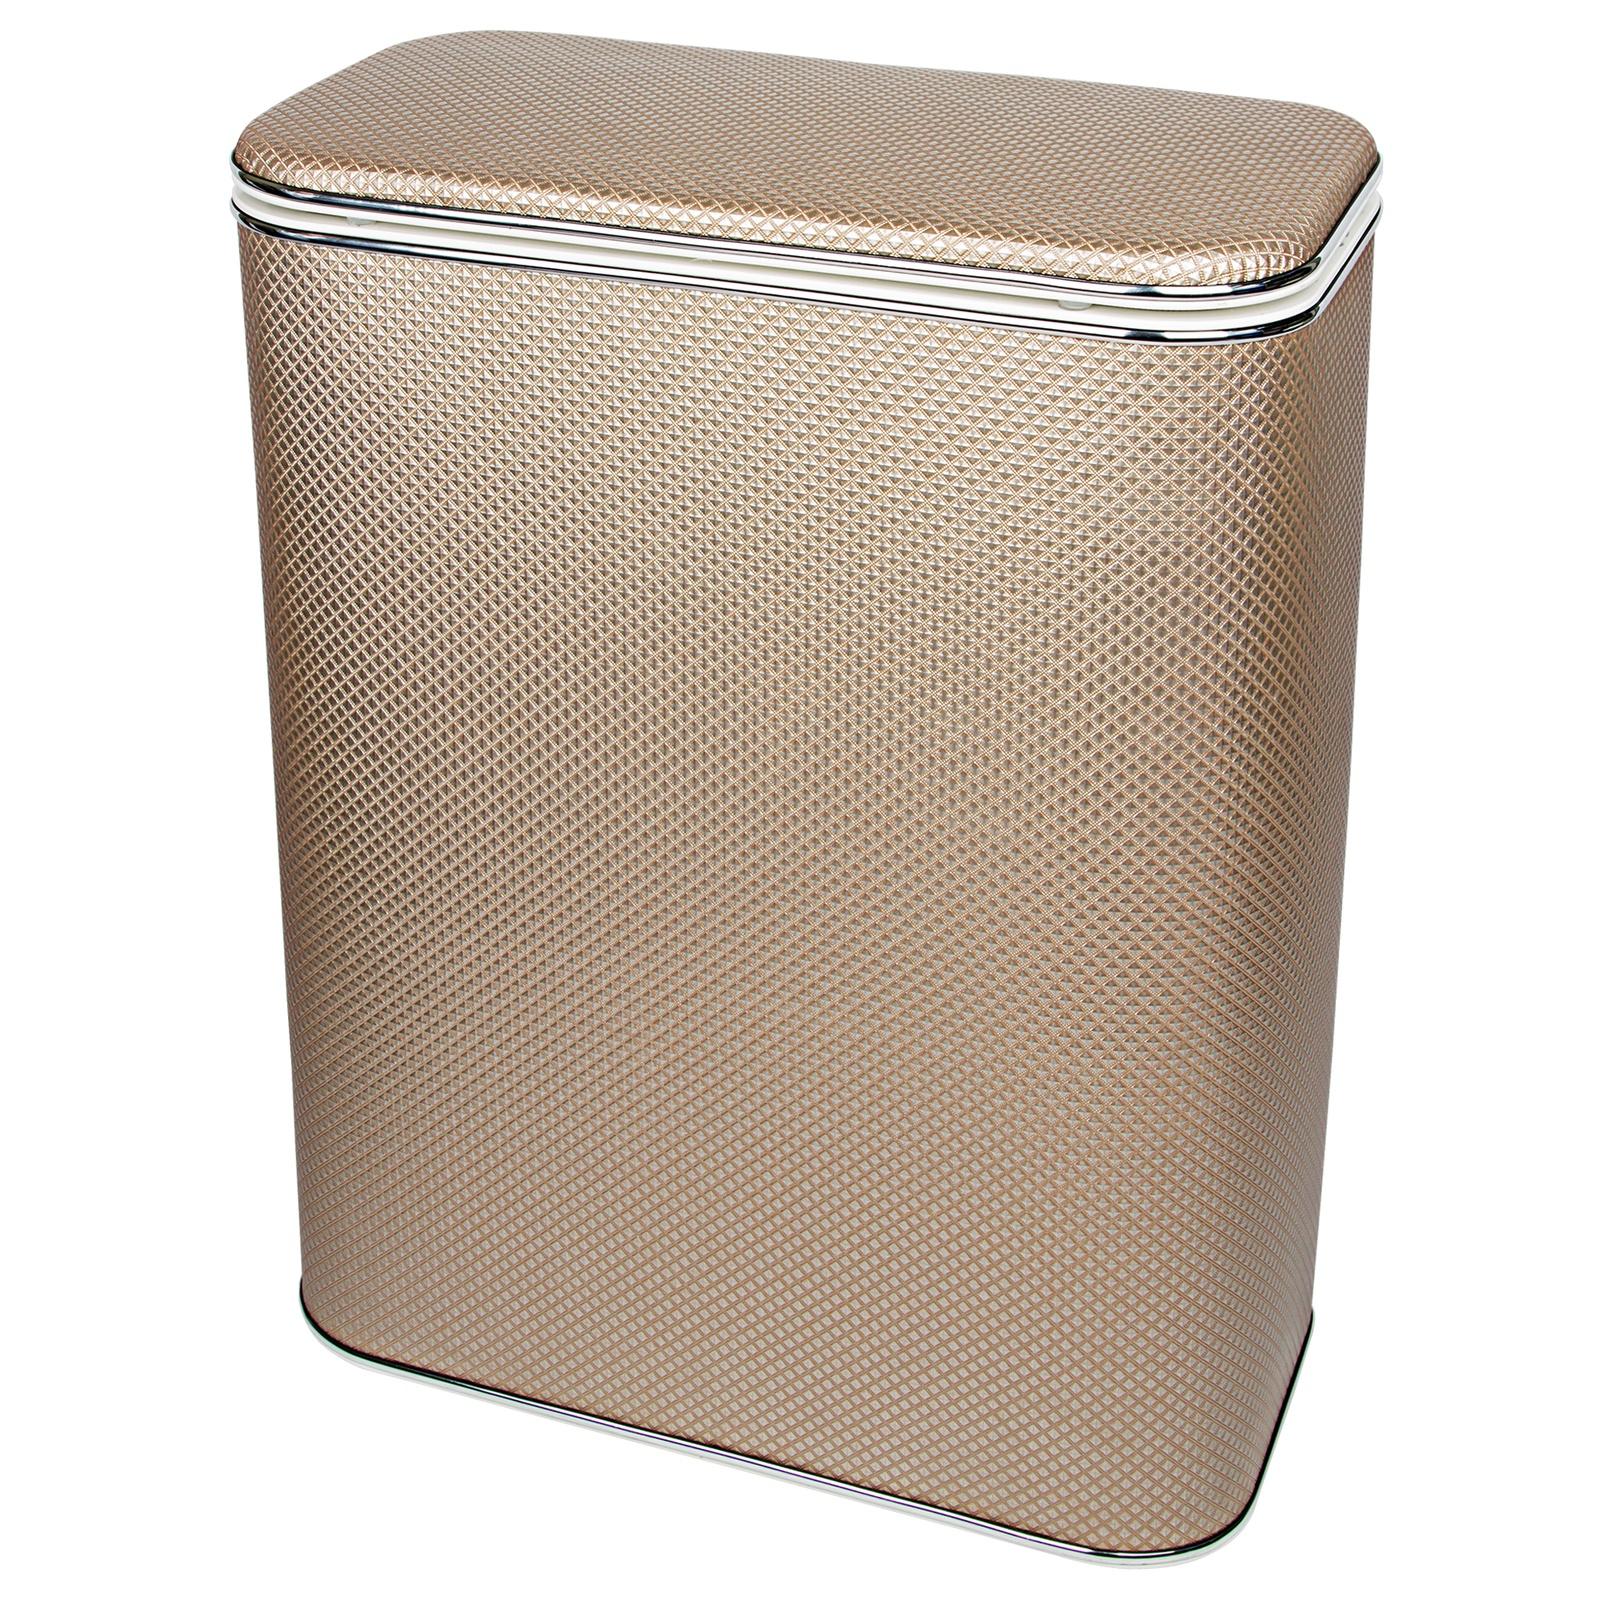 Корзина для белья Geralis RBH-B, коричневый